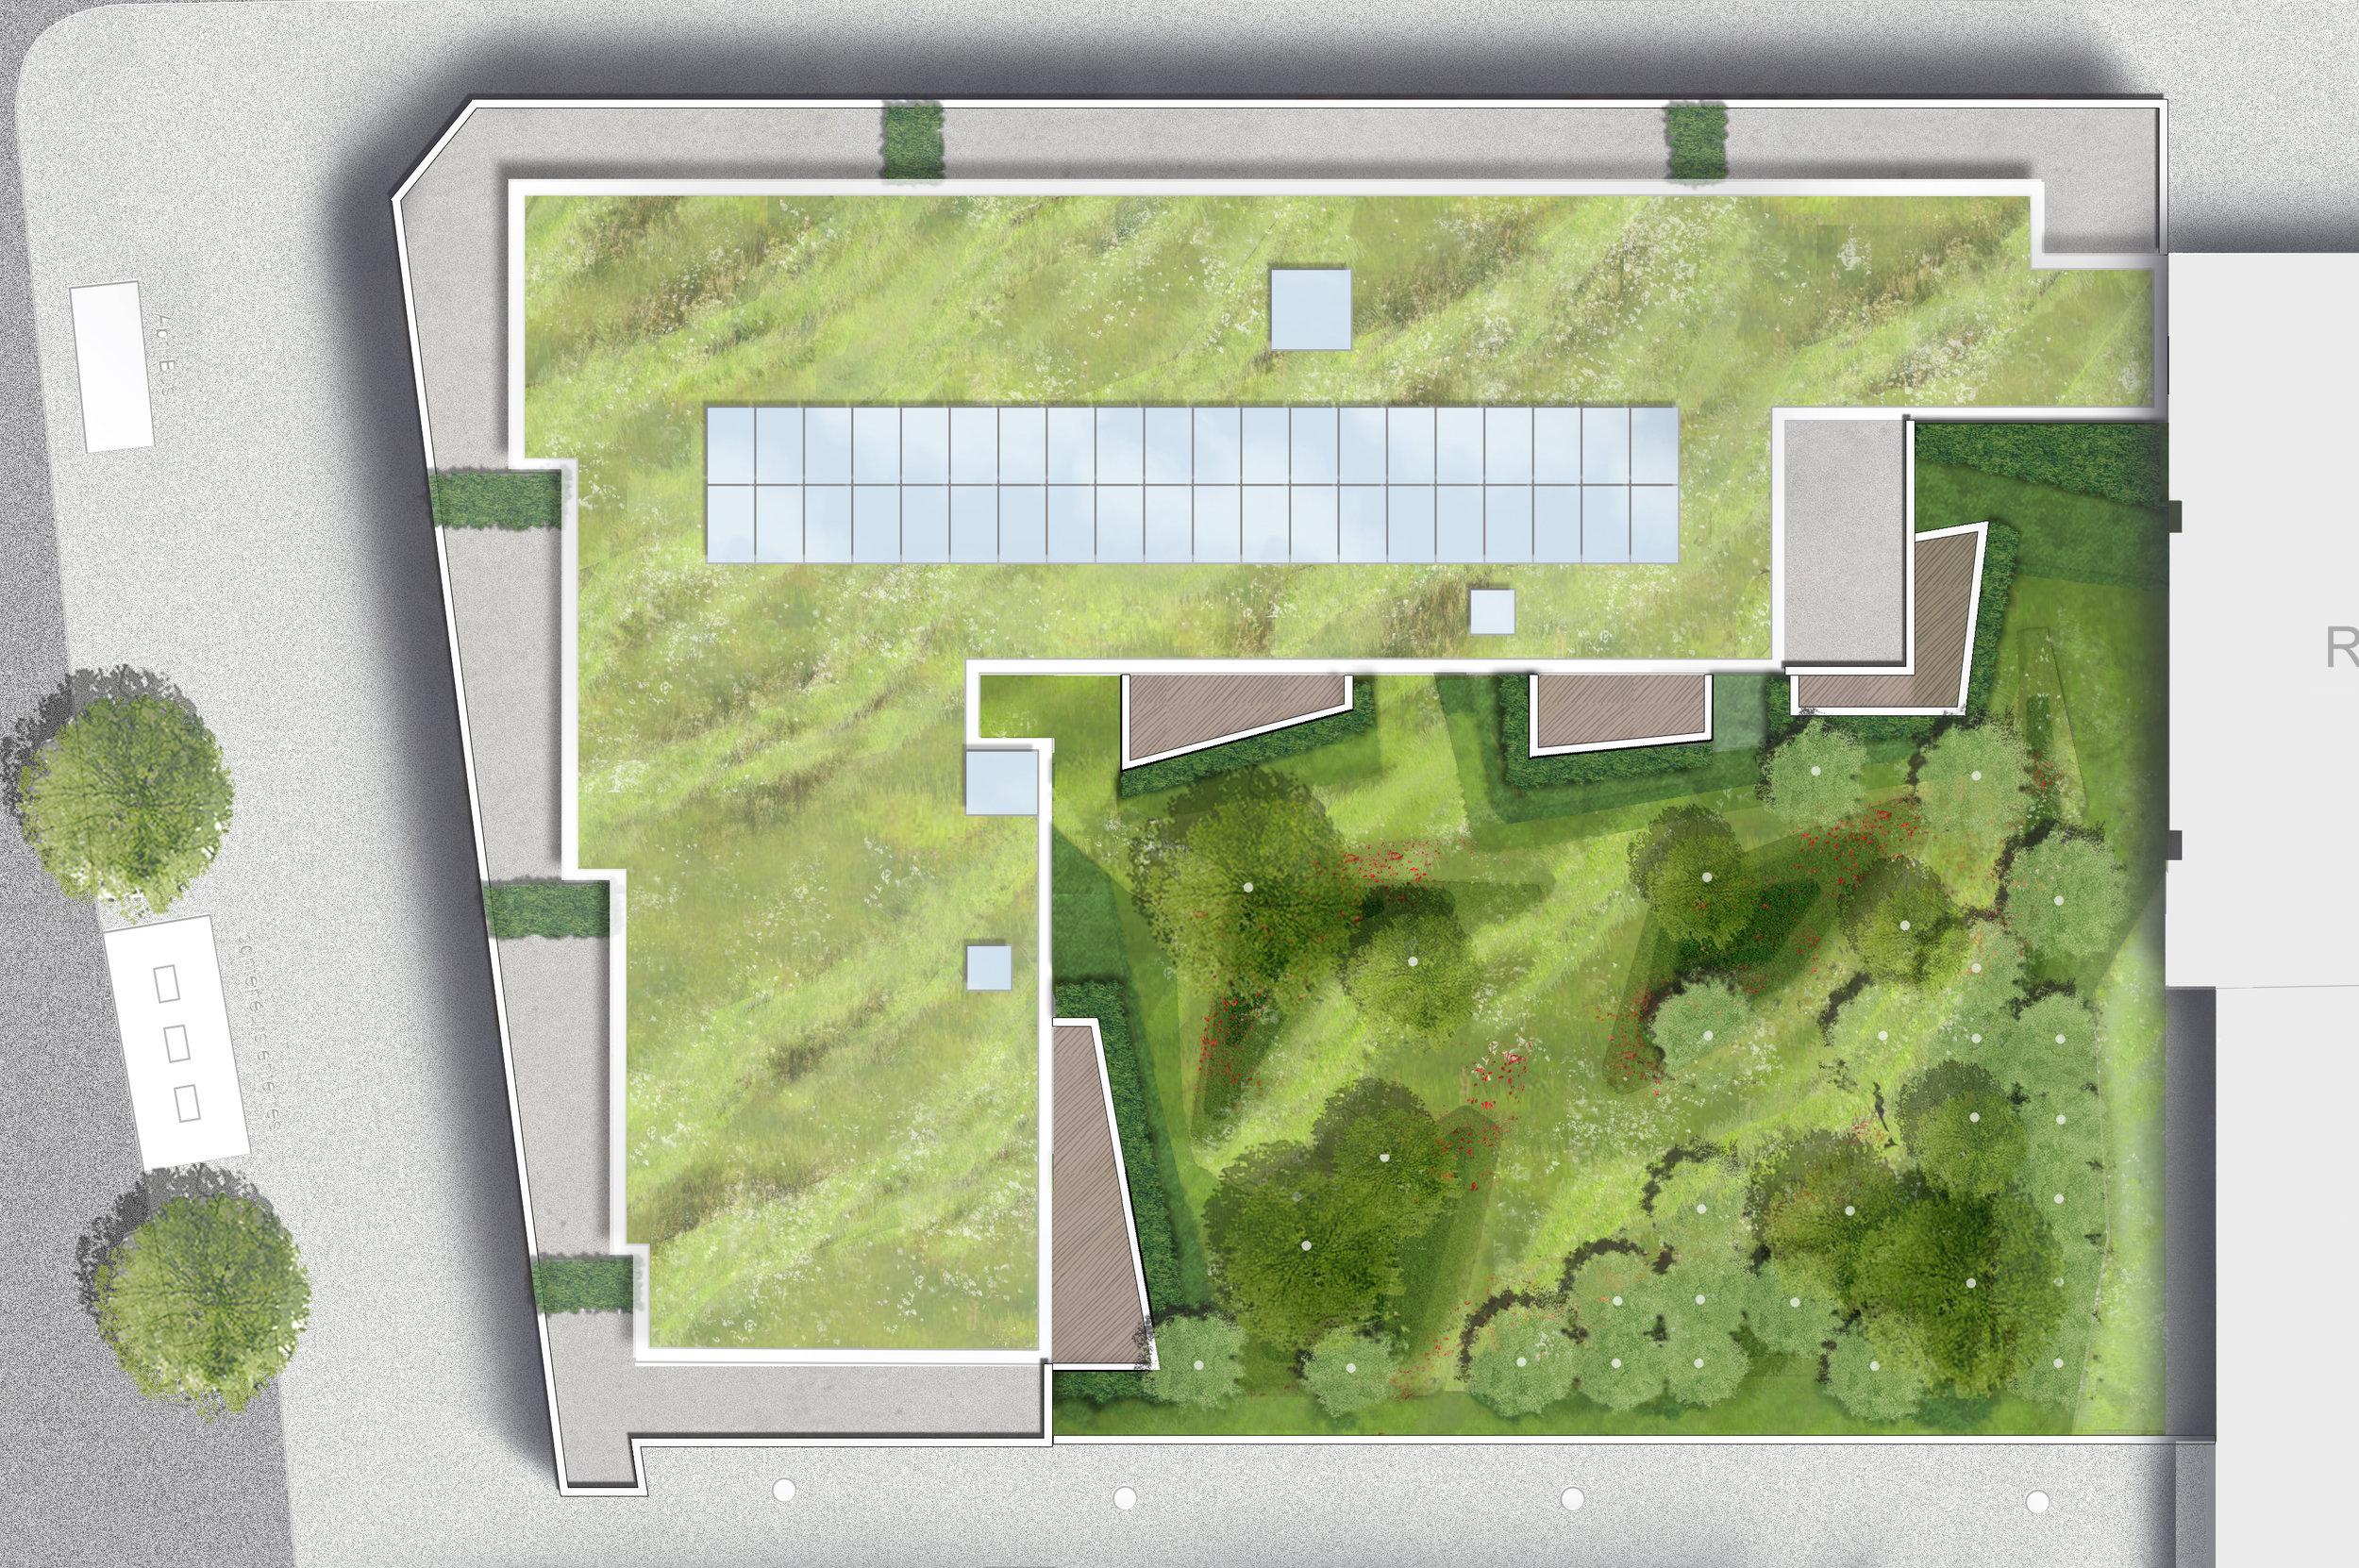 oph_logements_bagnolet_public_outdoor_design_christophe_gautrand_paysagiste_2.jpg